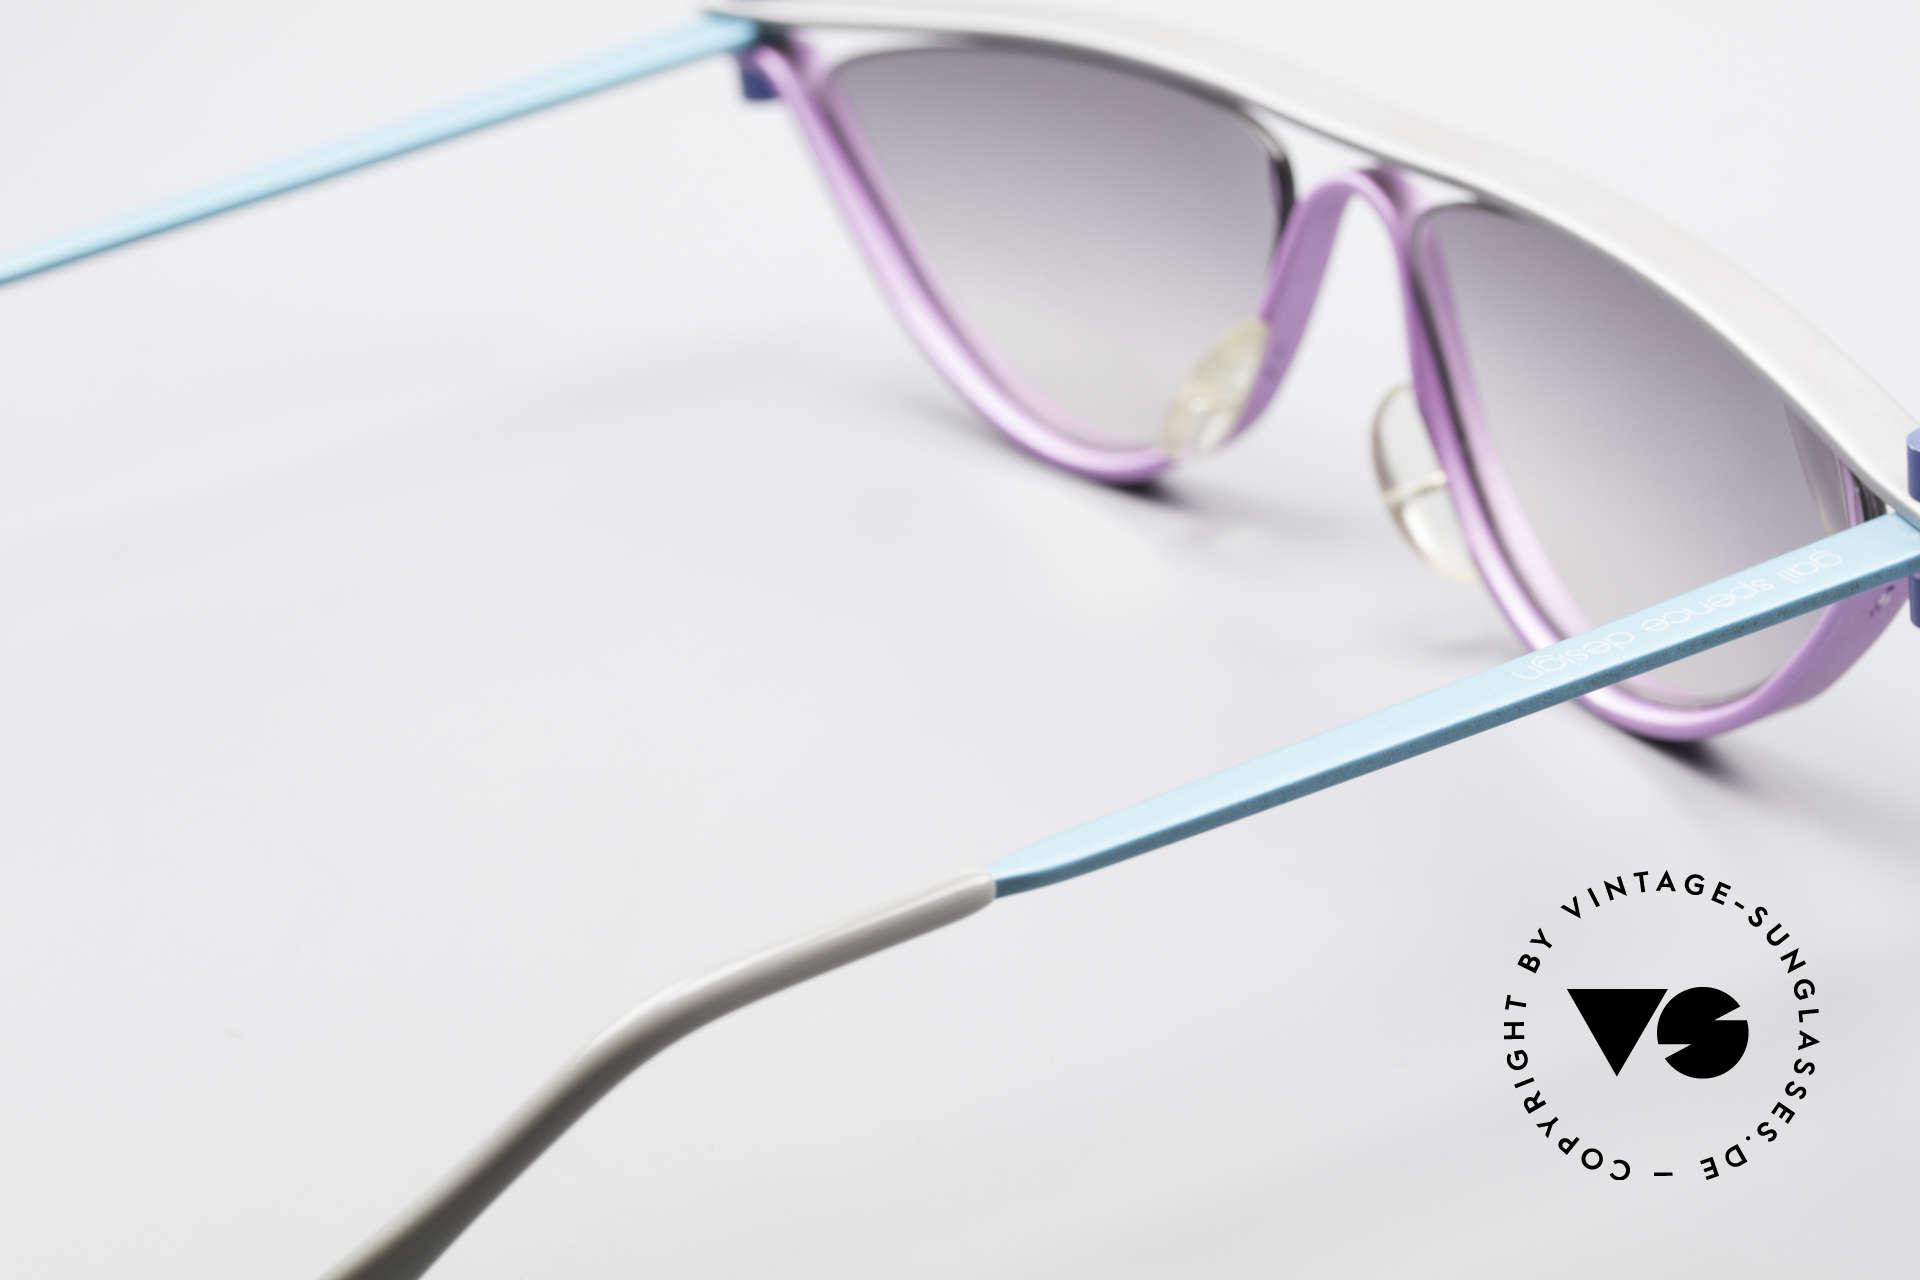 ProDesign No6 90er Vintage Filmsonnenbrille, grandioses Einzelstück - nicht nur für Filmliebhaber, Passend für Damen